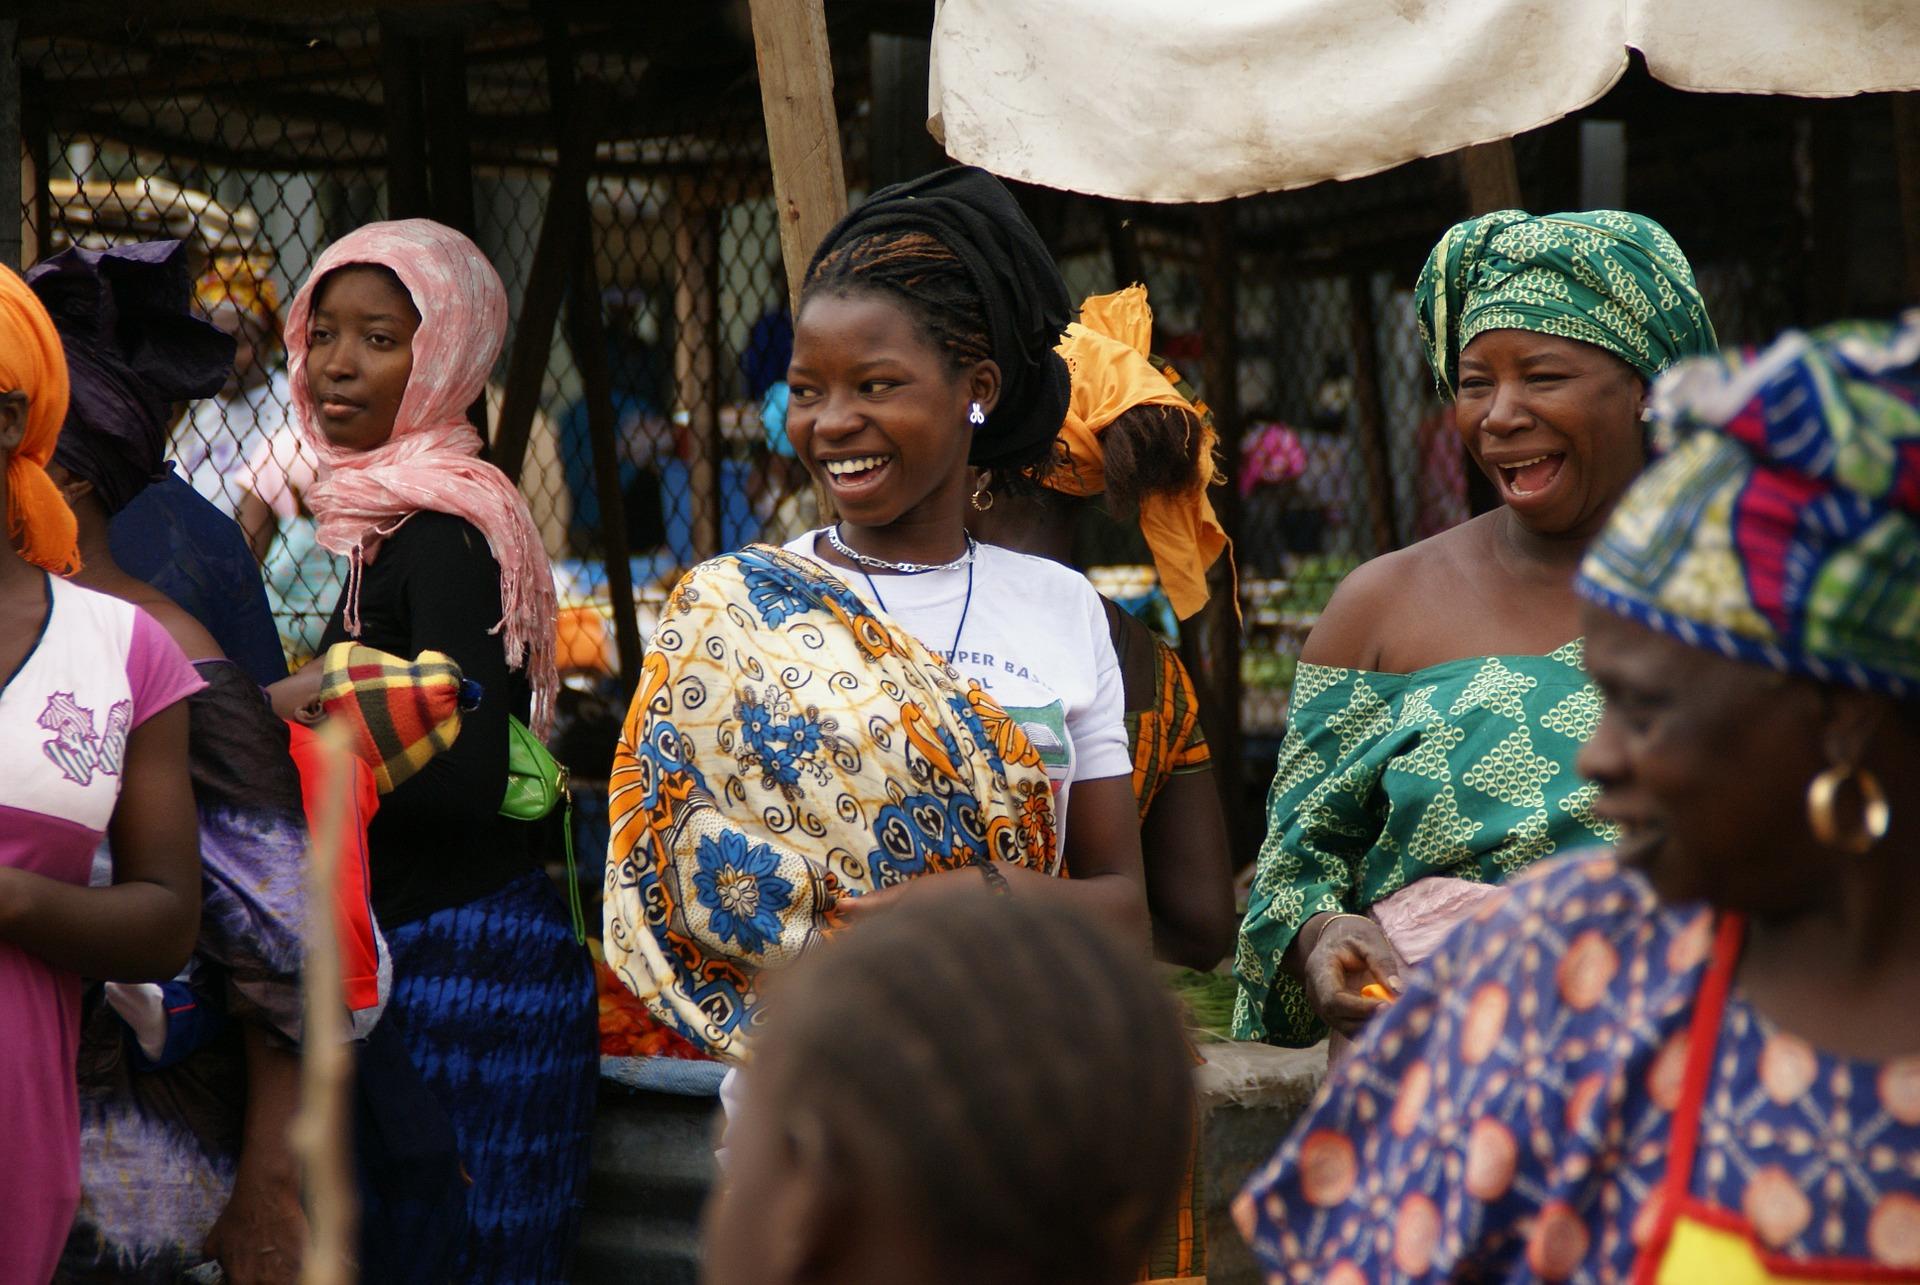 Donne al mercato in Gambia, foto di Hella Hnijssen